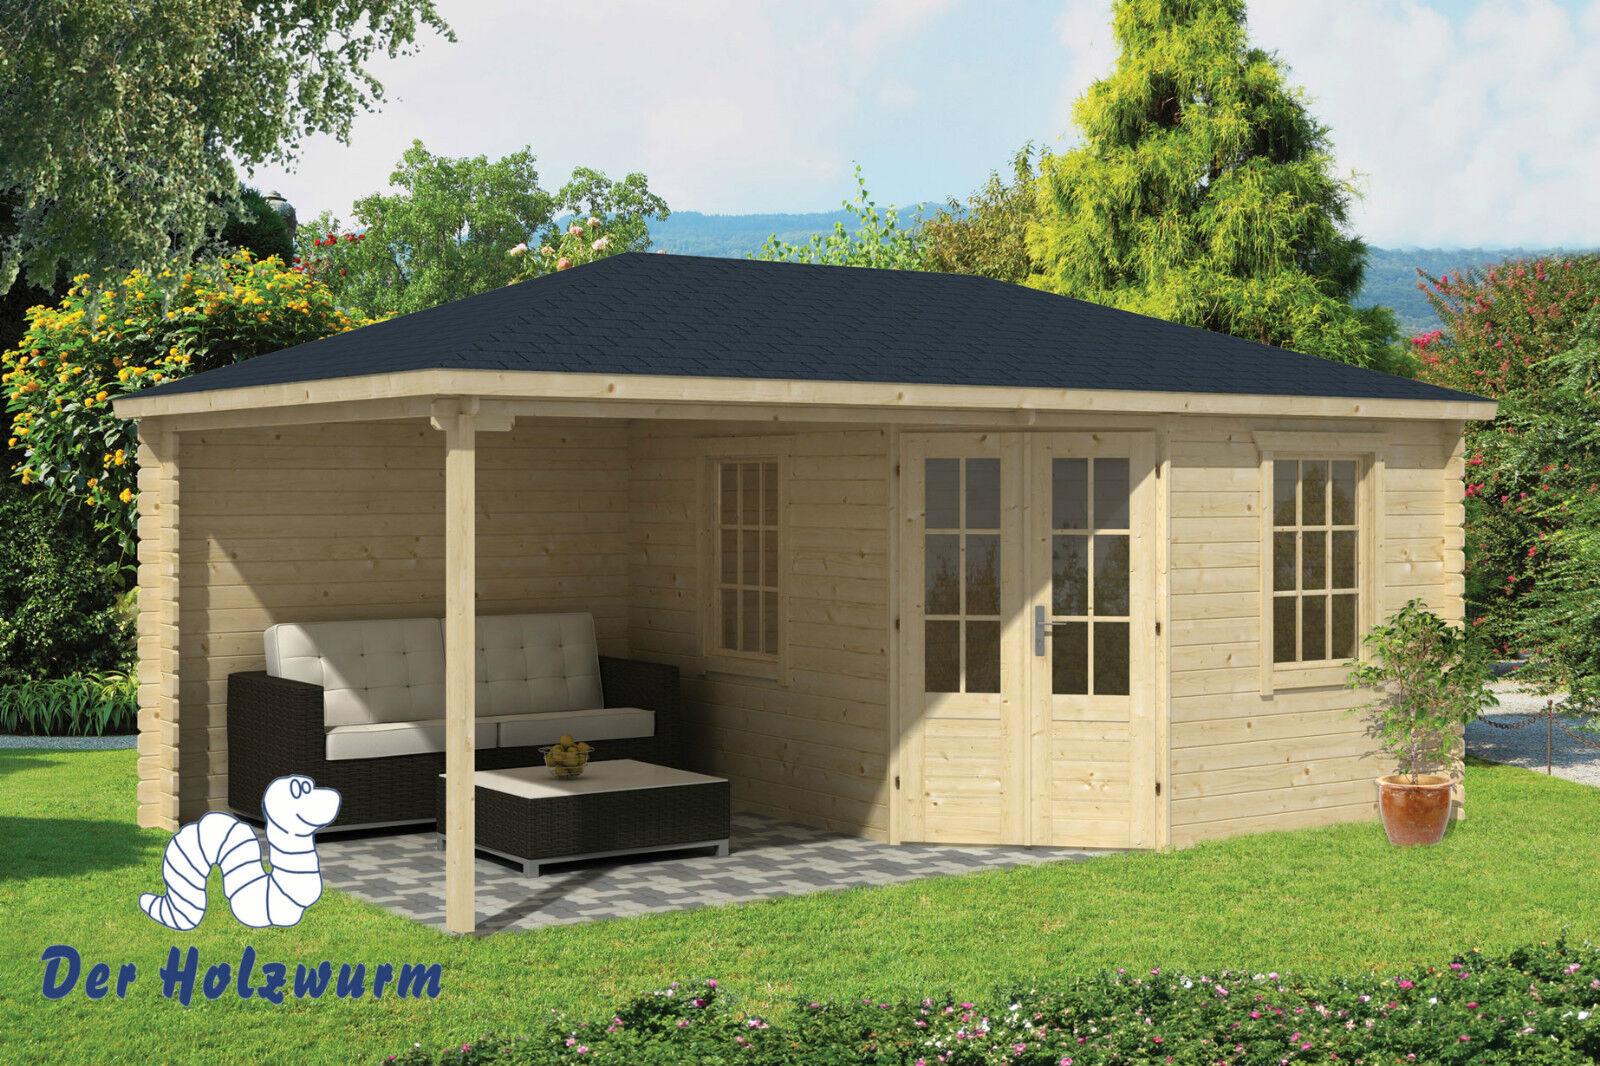 gartenhaus christoffer blockhaus 575x350 cm holzhaus 28mm ger tehaus unterstand 8715815025798 ebay. Black Bedroom Furniture Sets. Home Design Ideas